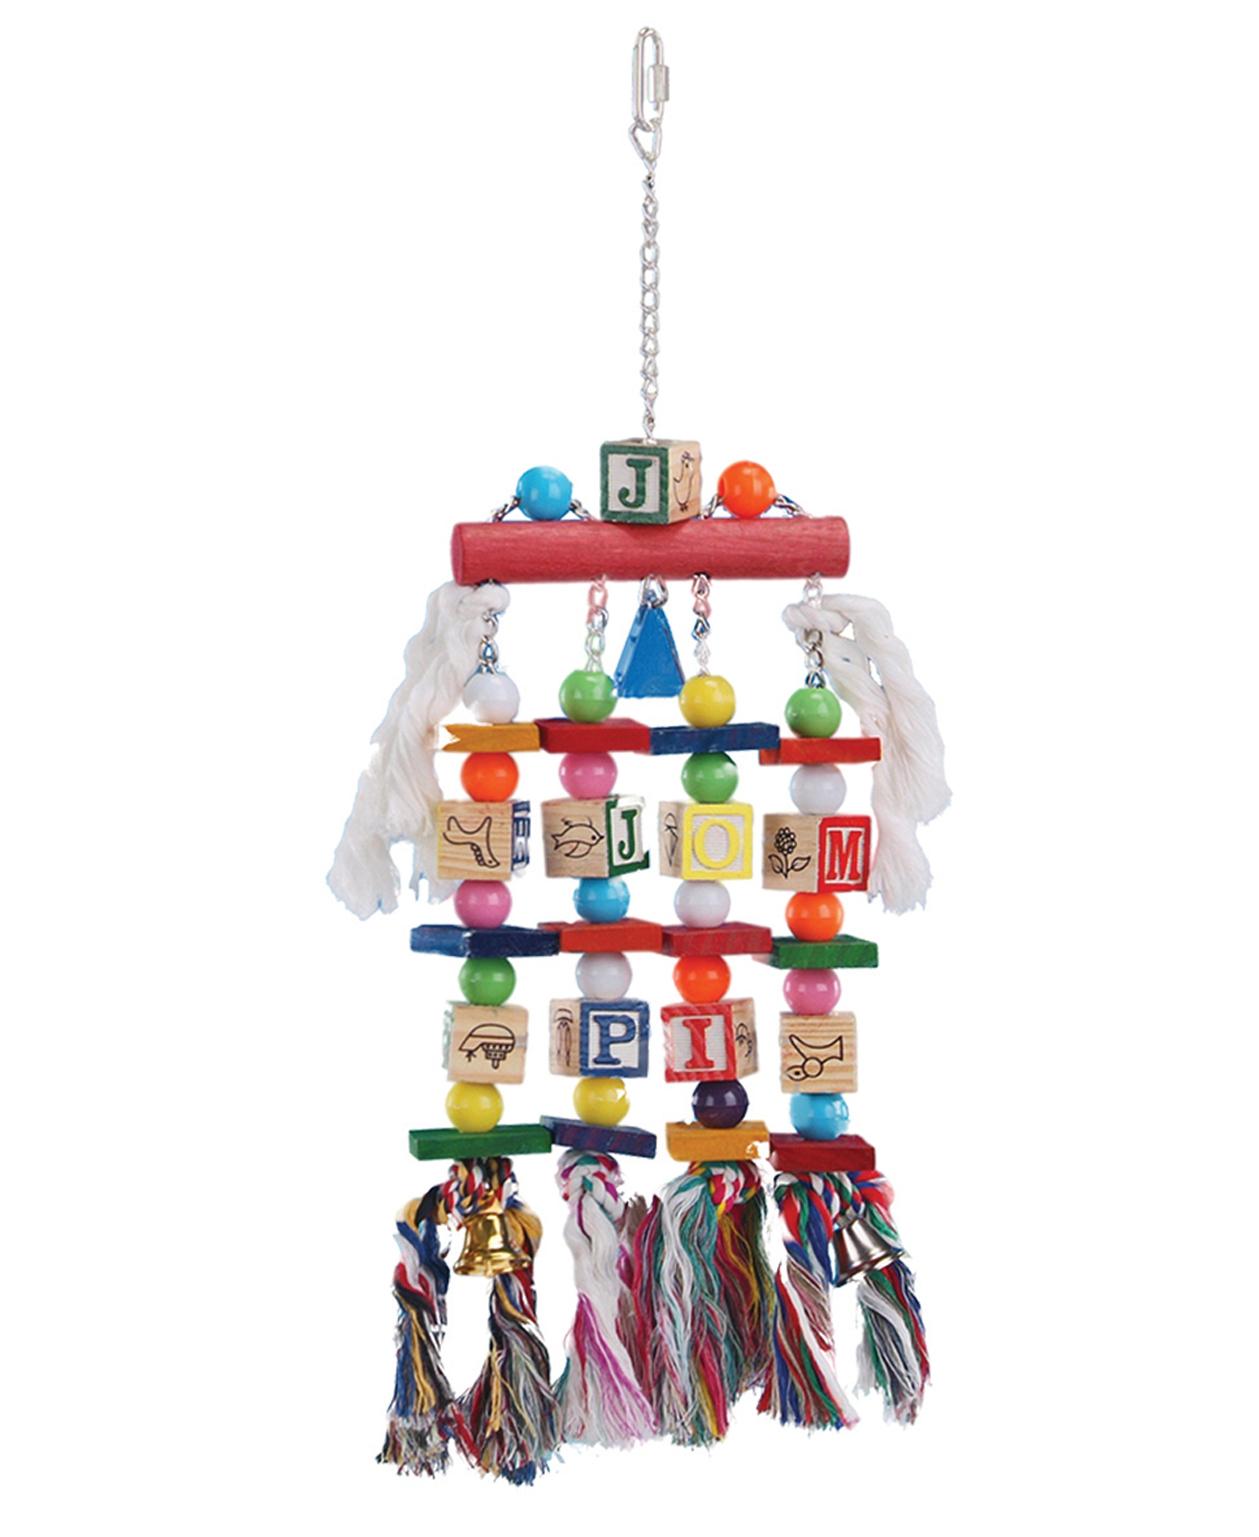 Jouet Multicolore bois, cordes et clochettes pour Perroquet 50 cm - Vadigran